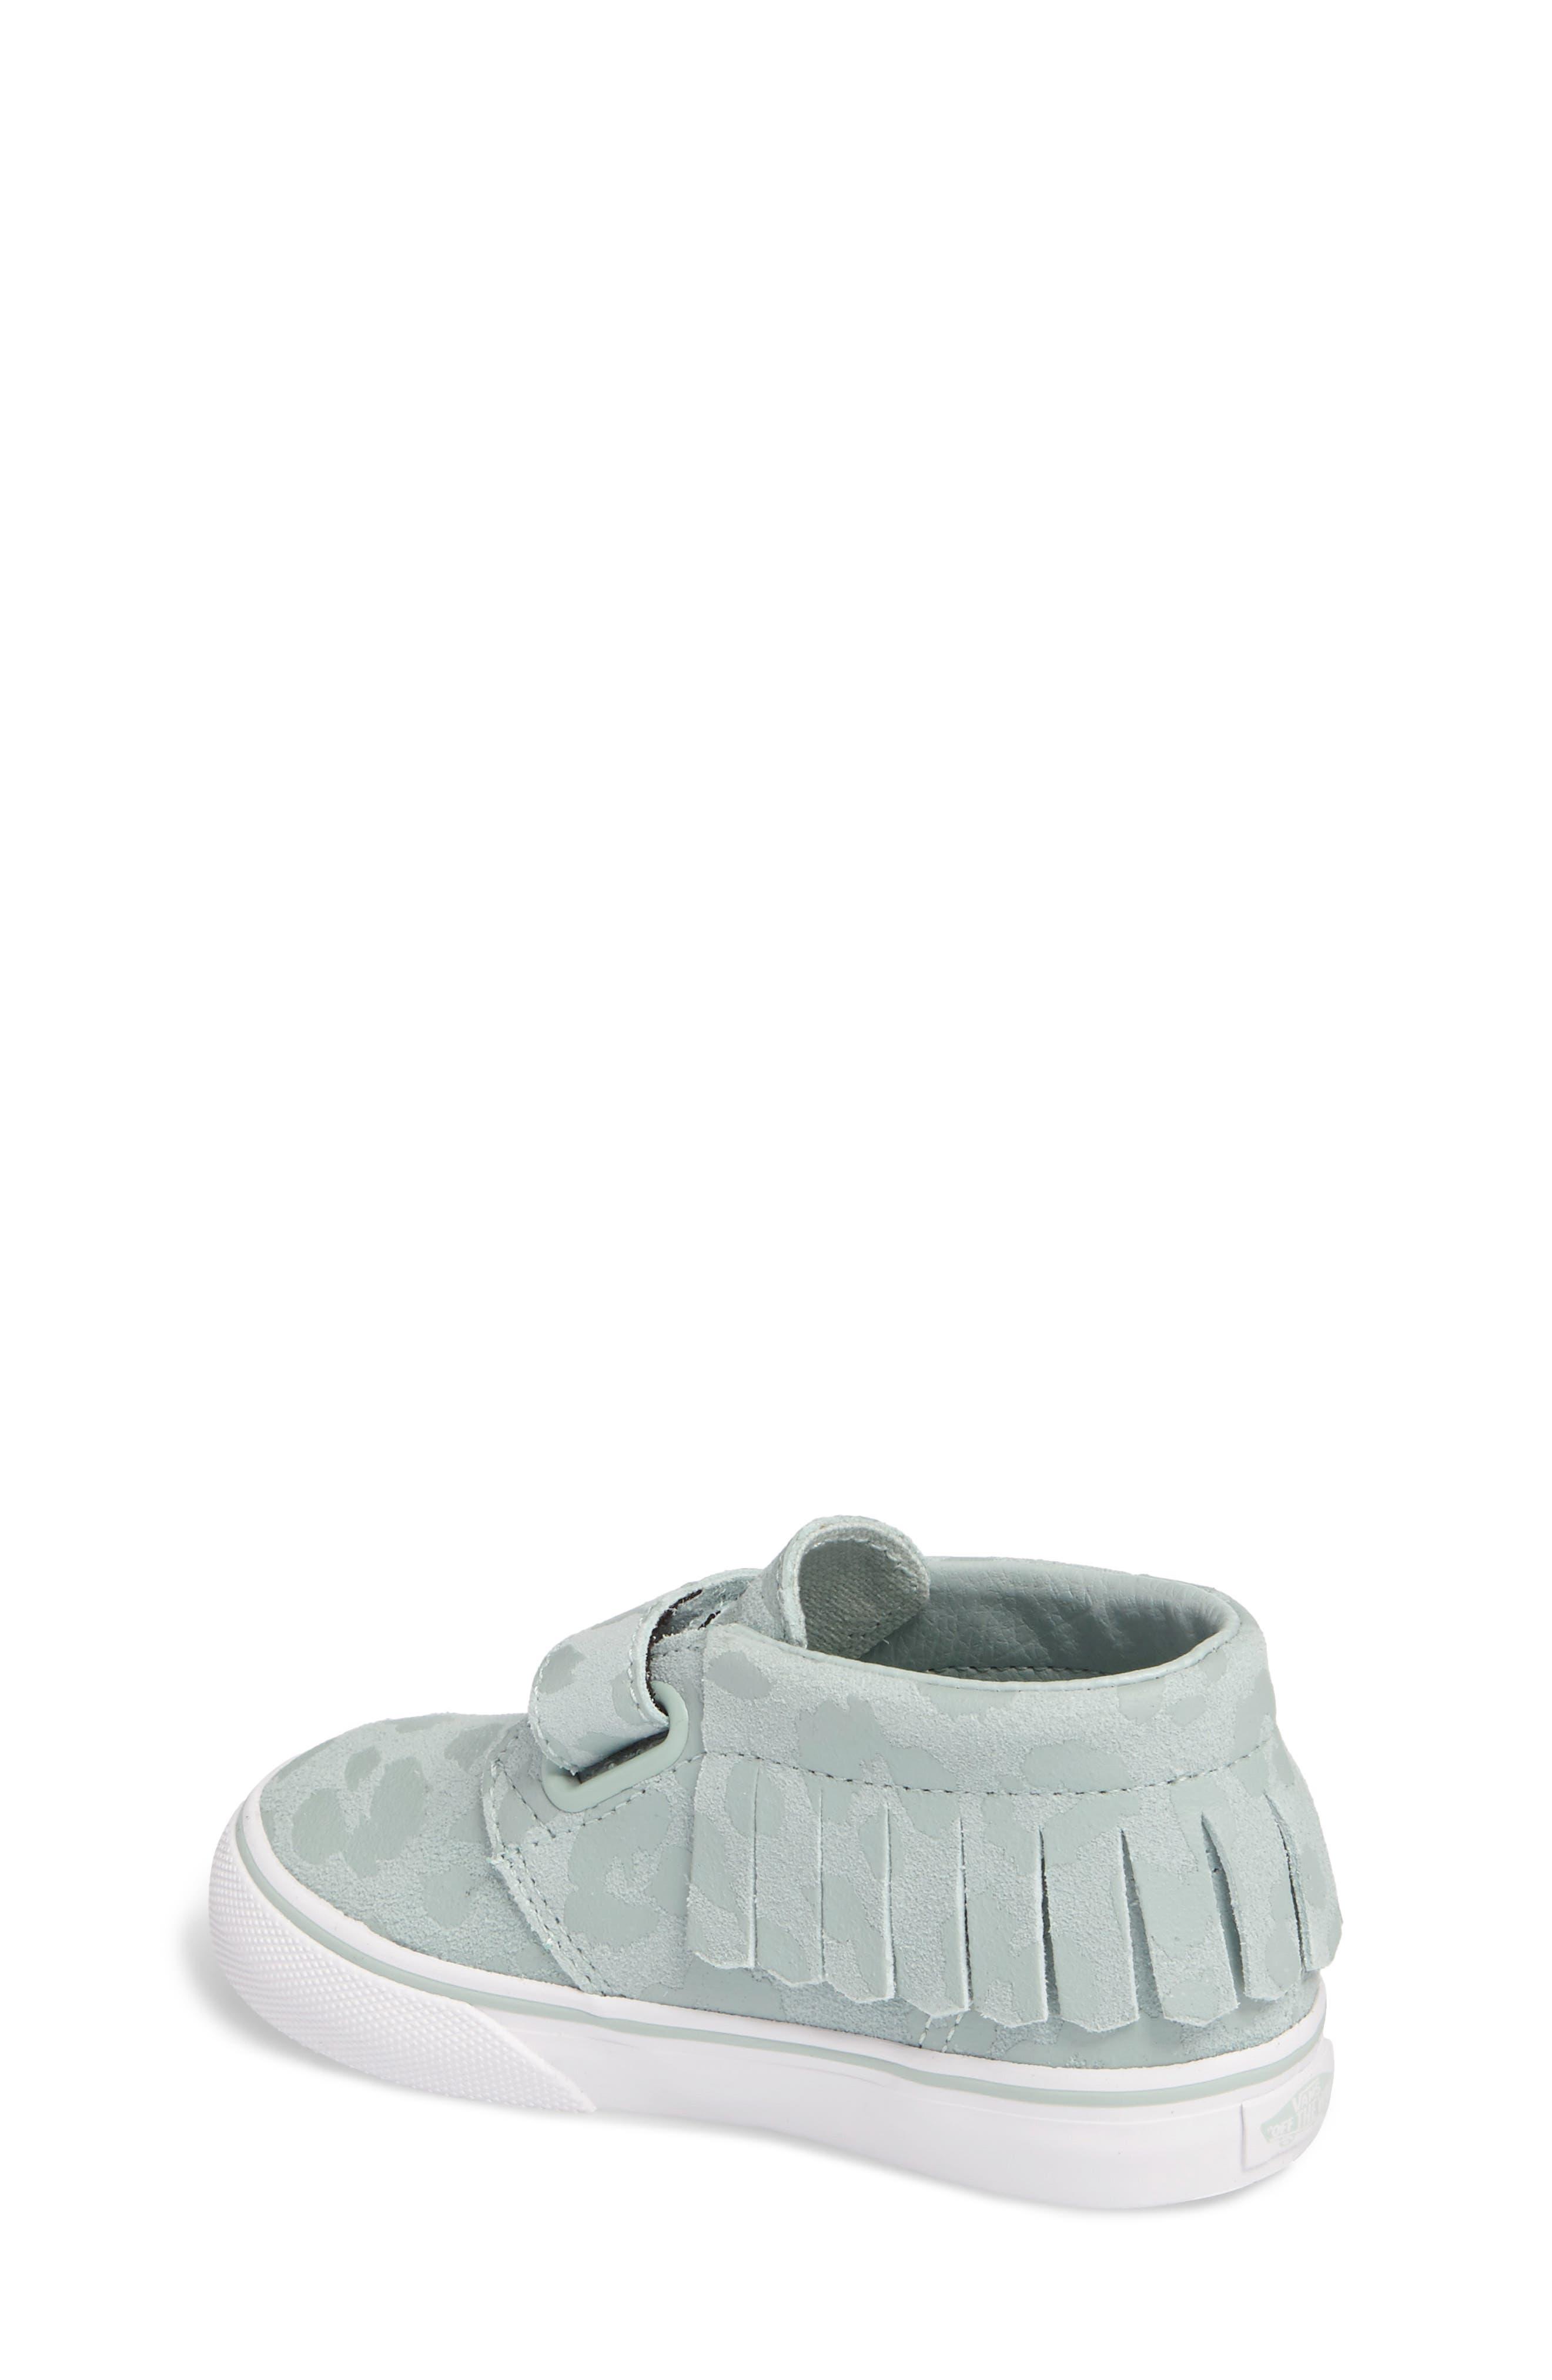 Alternate Image 2  - Vans Chukka V Moc Sneaker (Baby, Walker & Toddler)